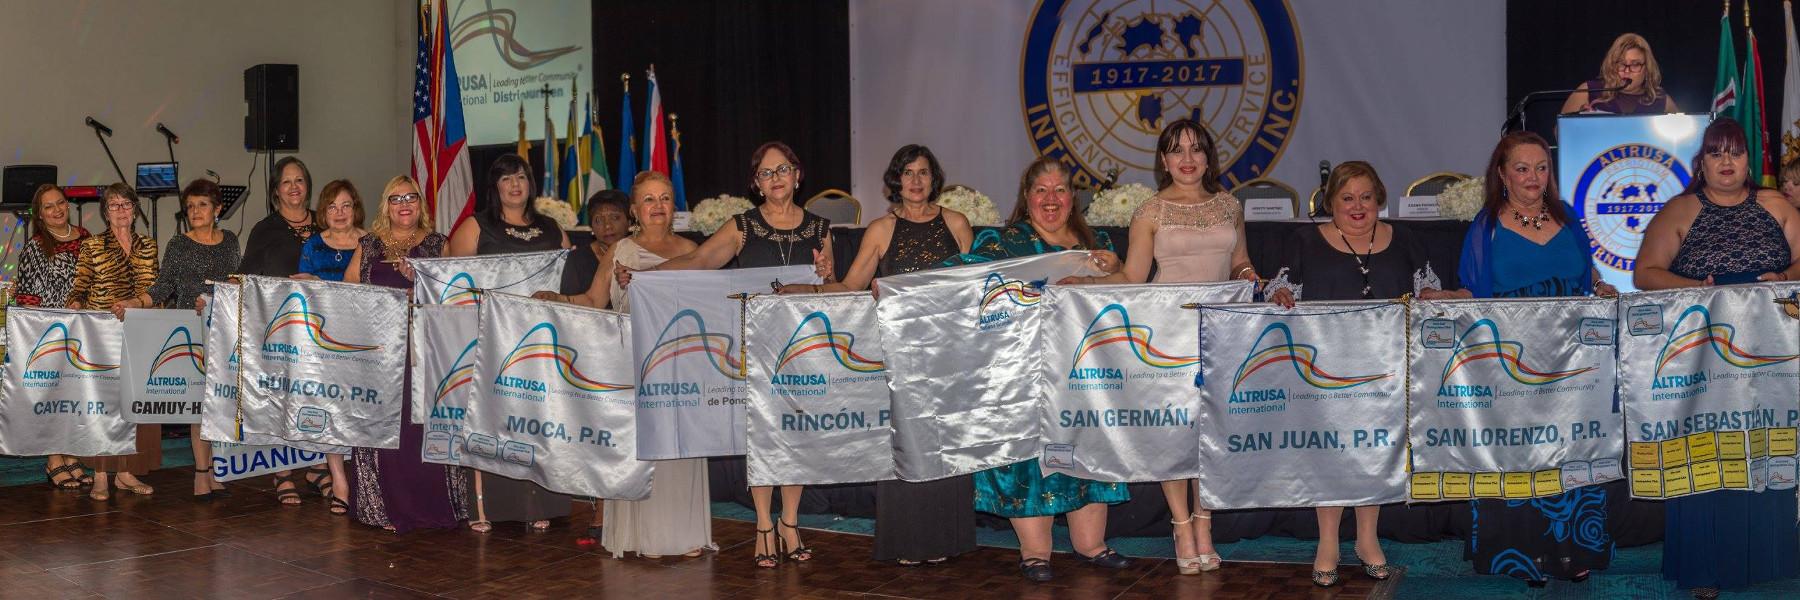 Altrusa Conference